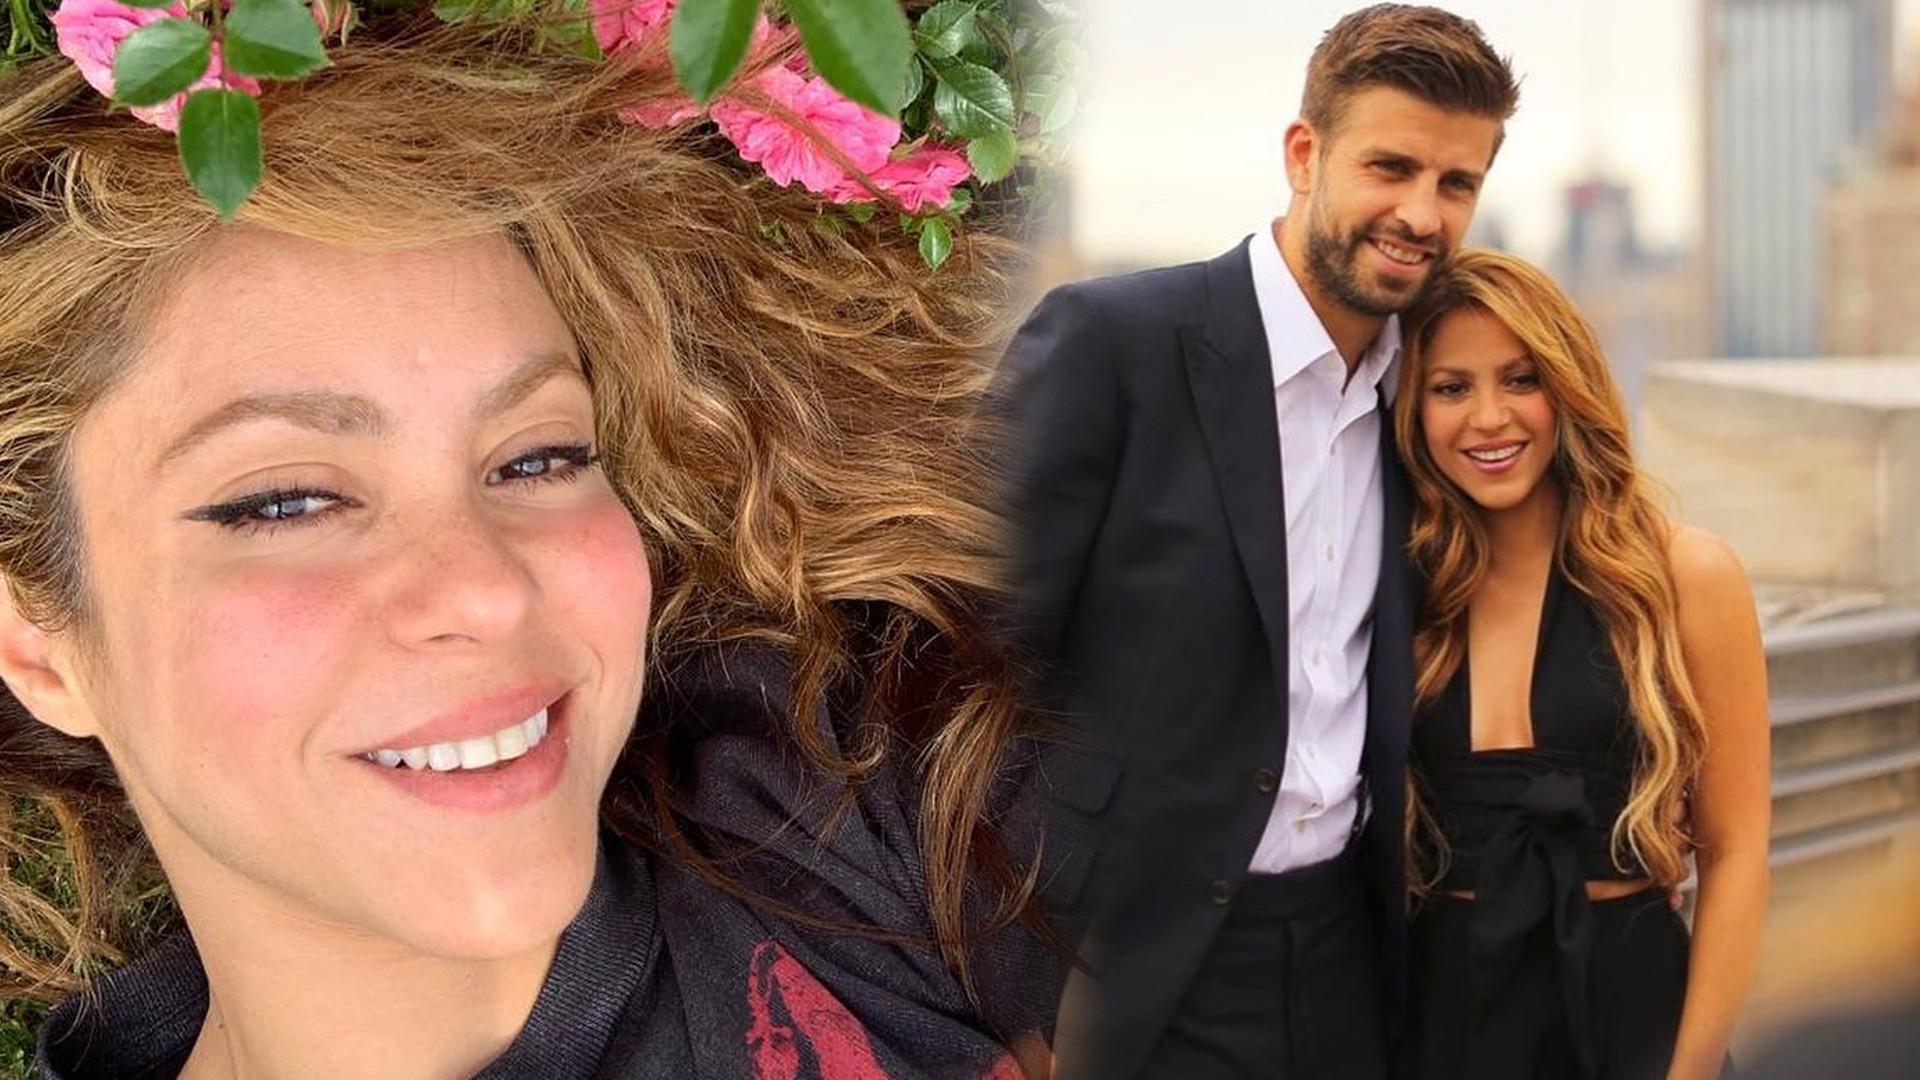 Shakira po długiej nieobecności w końcu pokazała się u boku przystojnego męża! (INSTAGRAM)